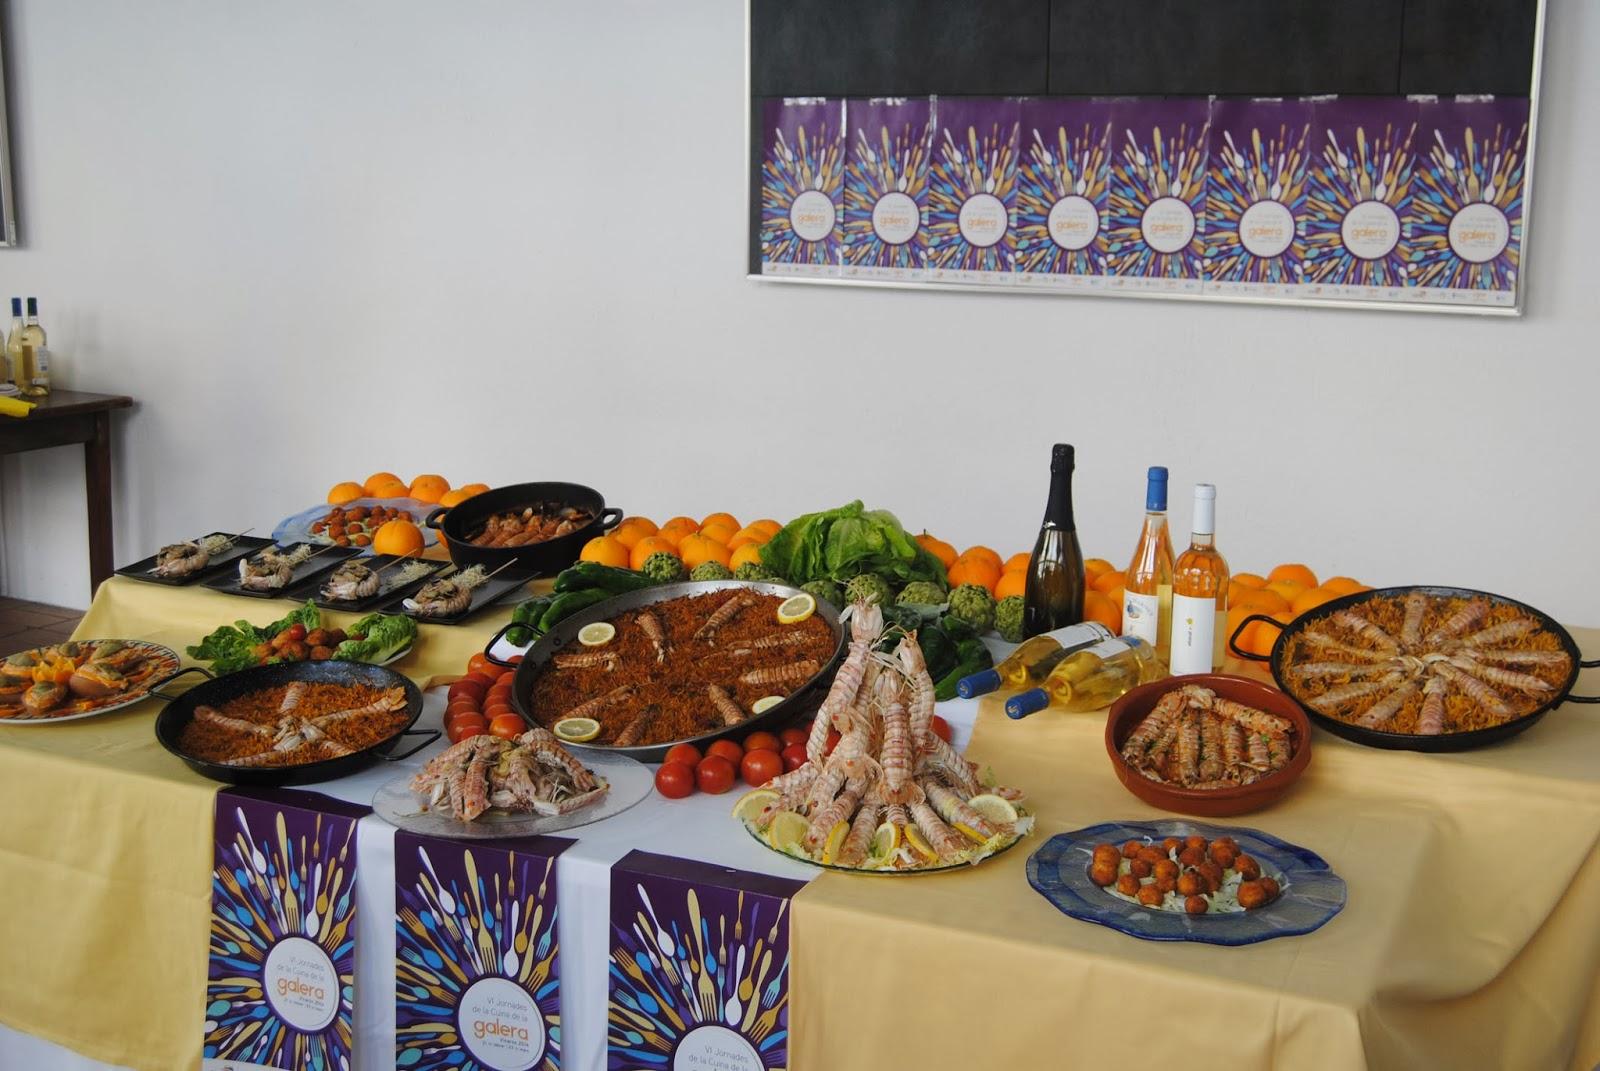 VI Jornadas de Cocina de la Galeras (Vinaròs - Castellón)